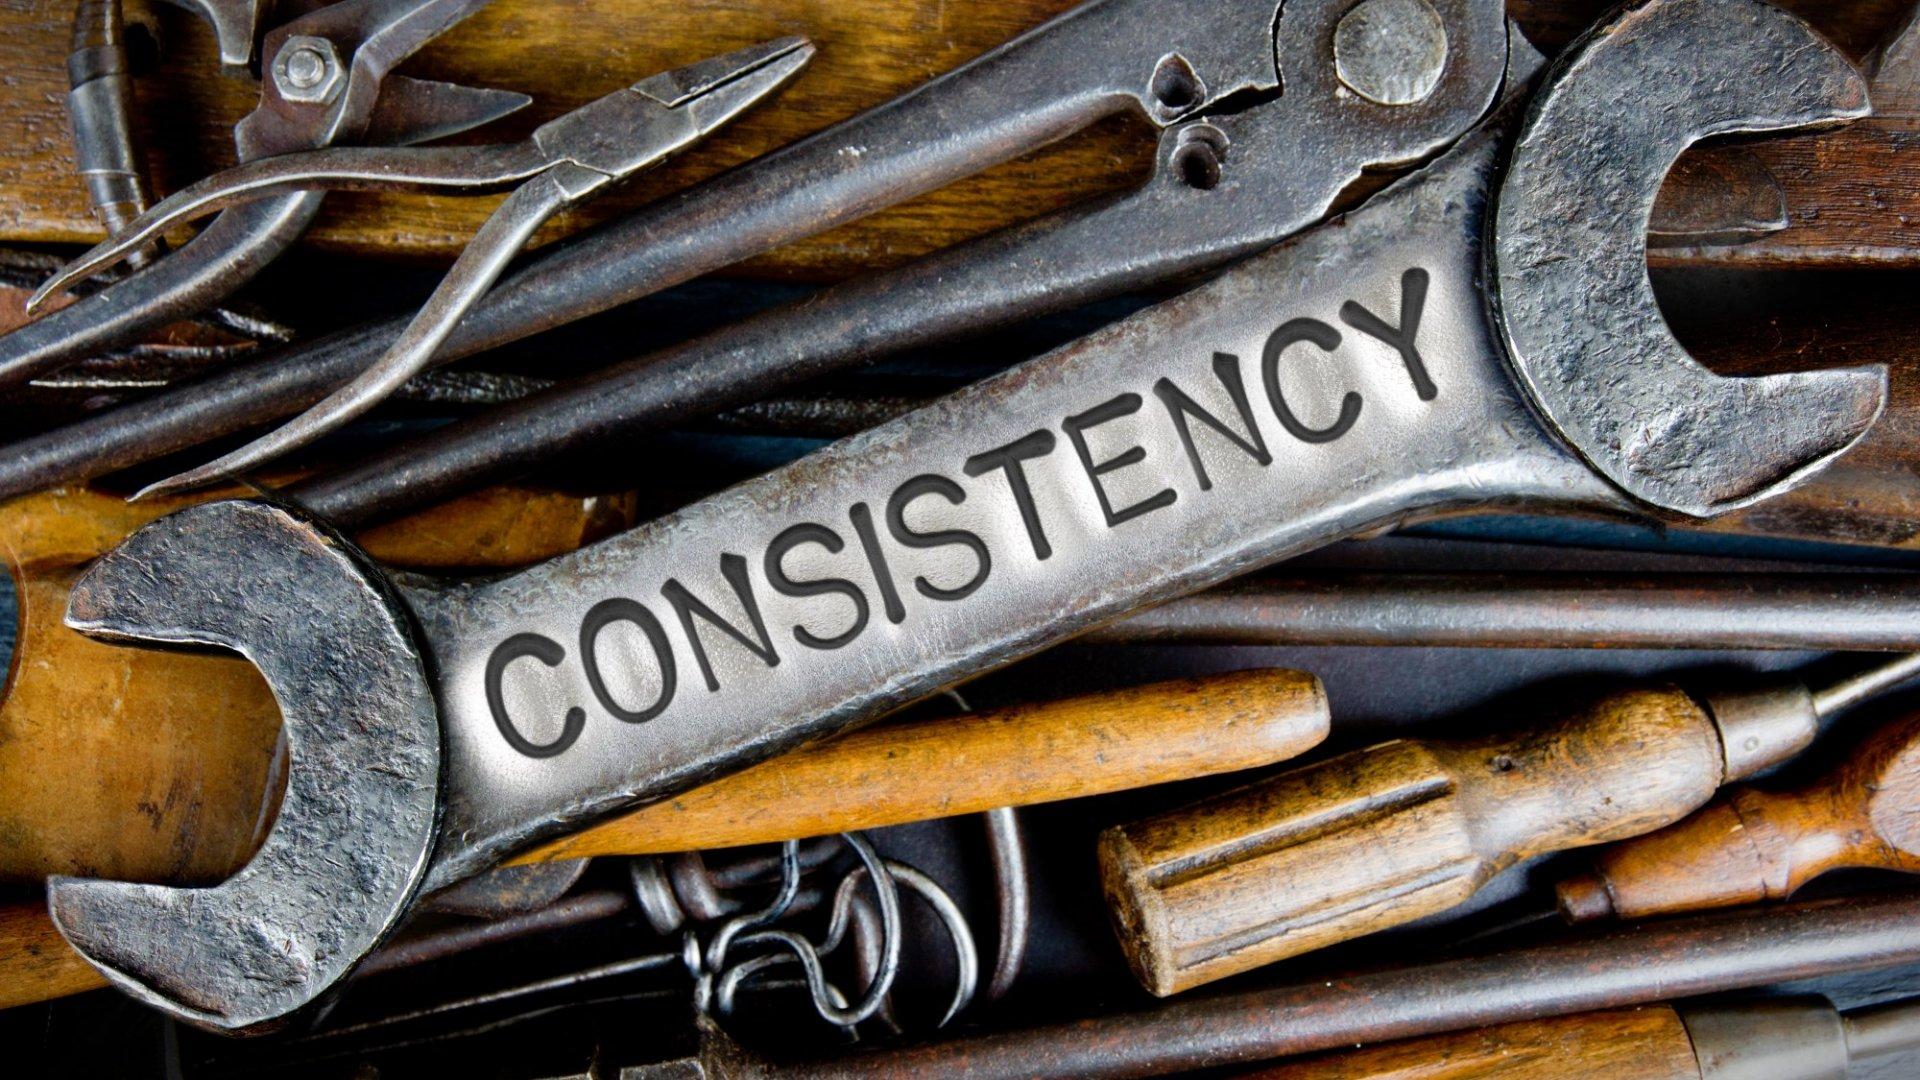 Control Consistency, Control Success